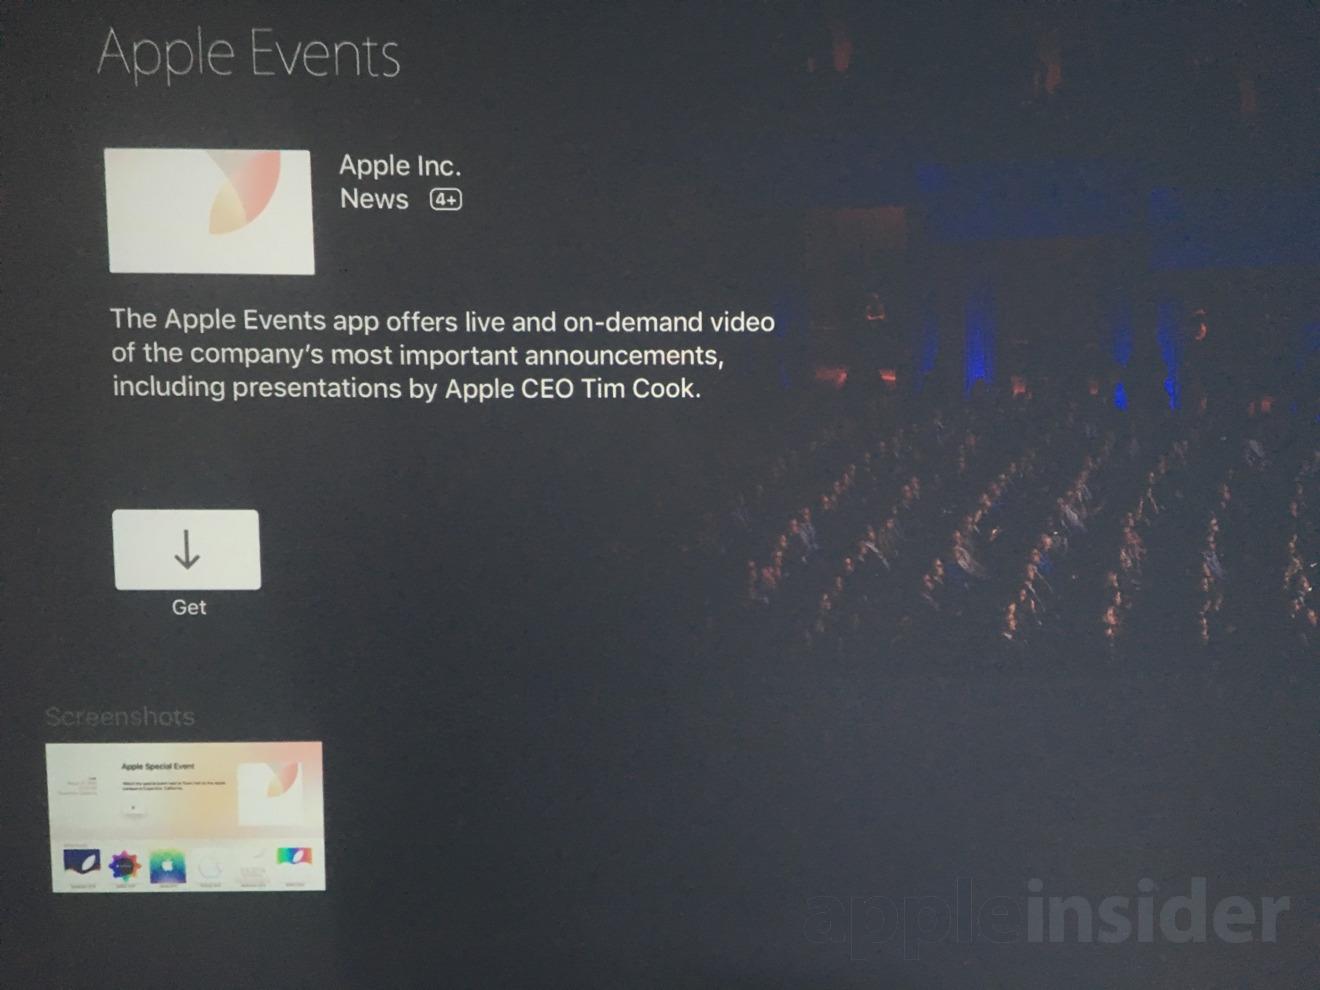 Apple-event-app-on-apple-tv-2